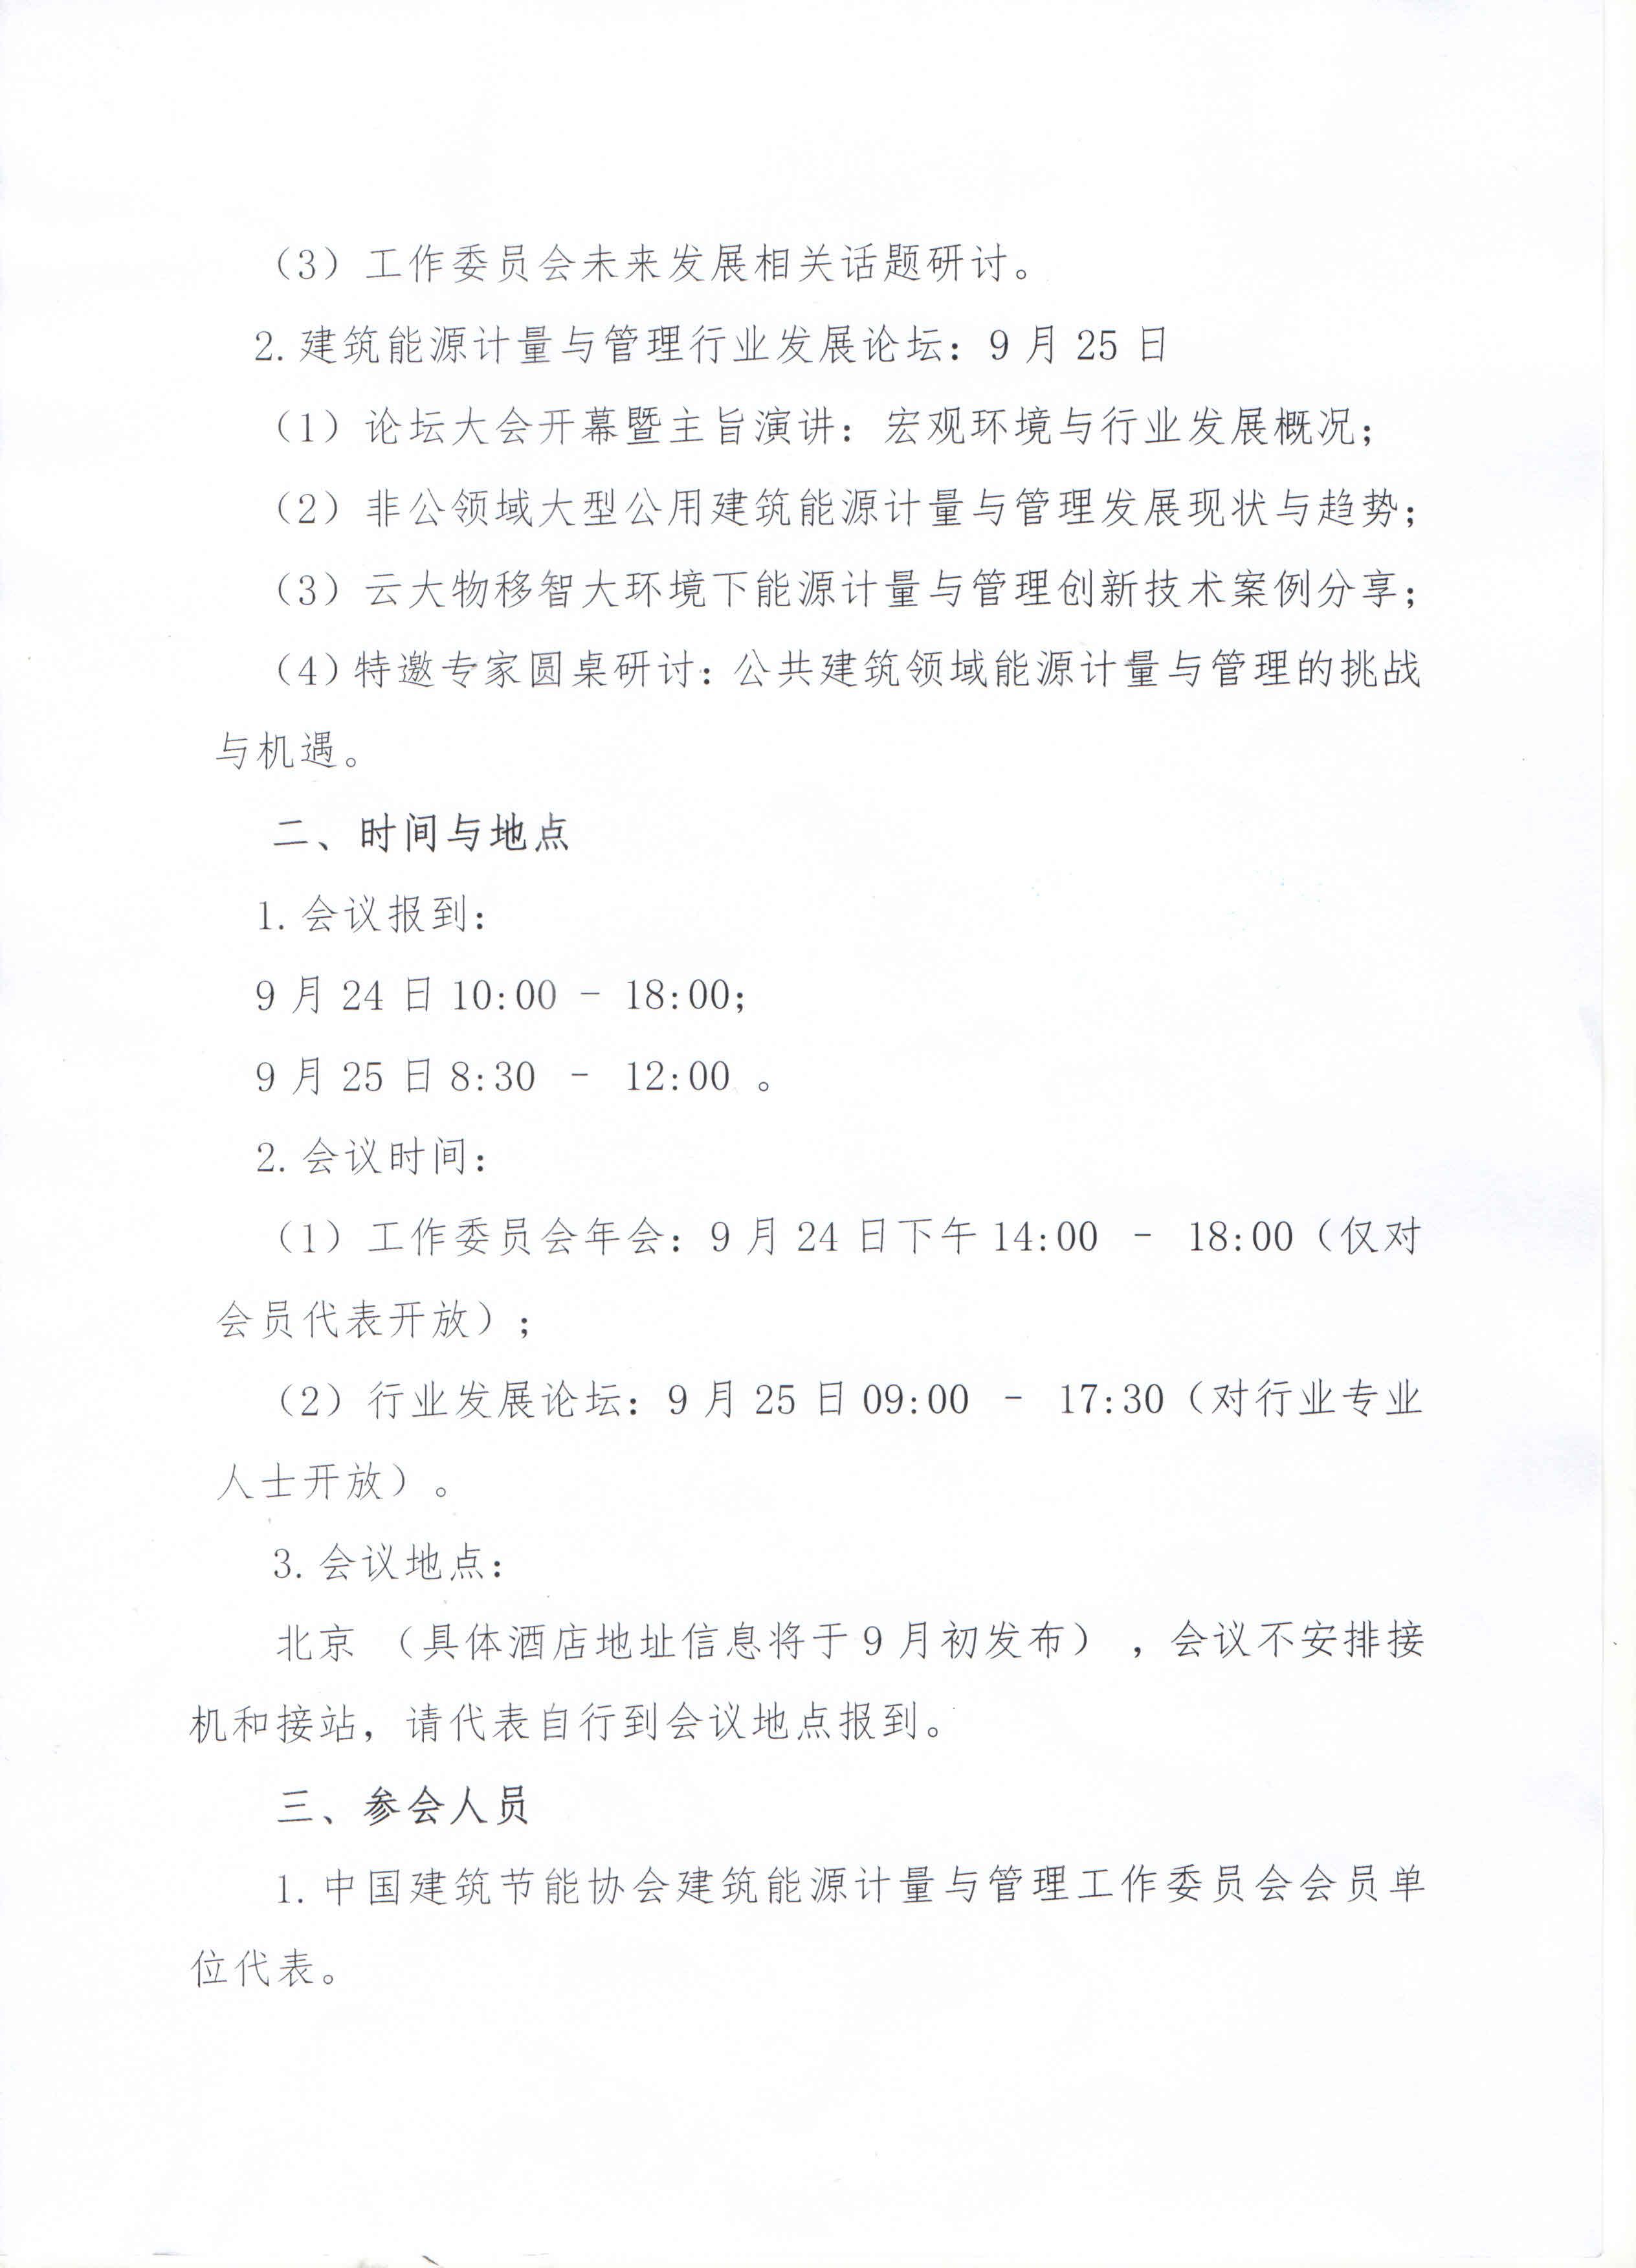 年会通知-建筑能源计量与管理工委会_页面_2.jpg